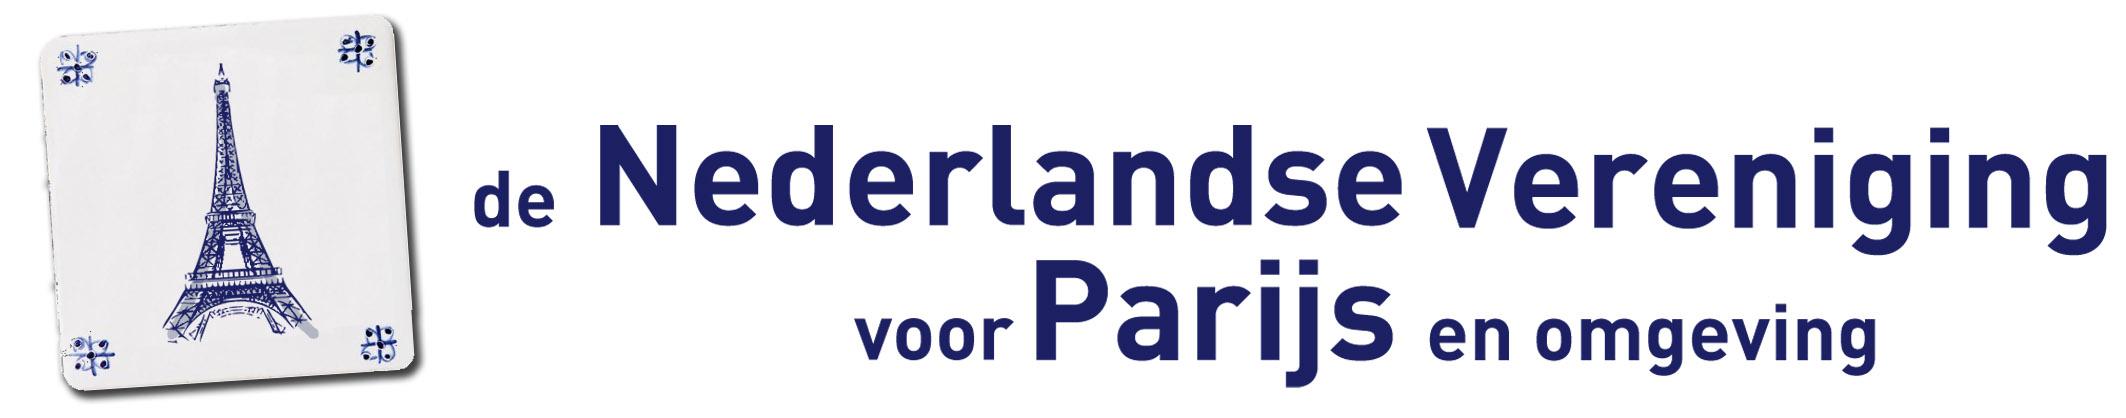 De Nederlandse Vereniging voor Parijs en omgeving/Union Néerlandaise pour Paris et ses environs